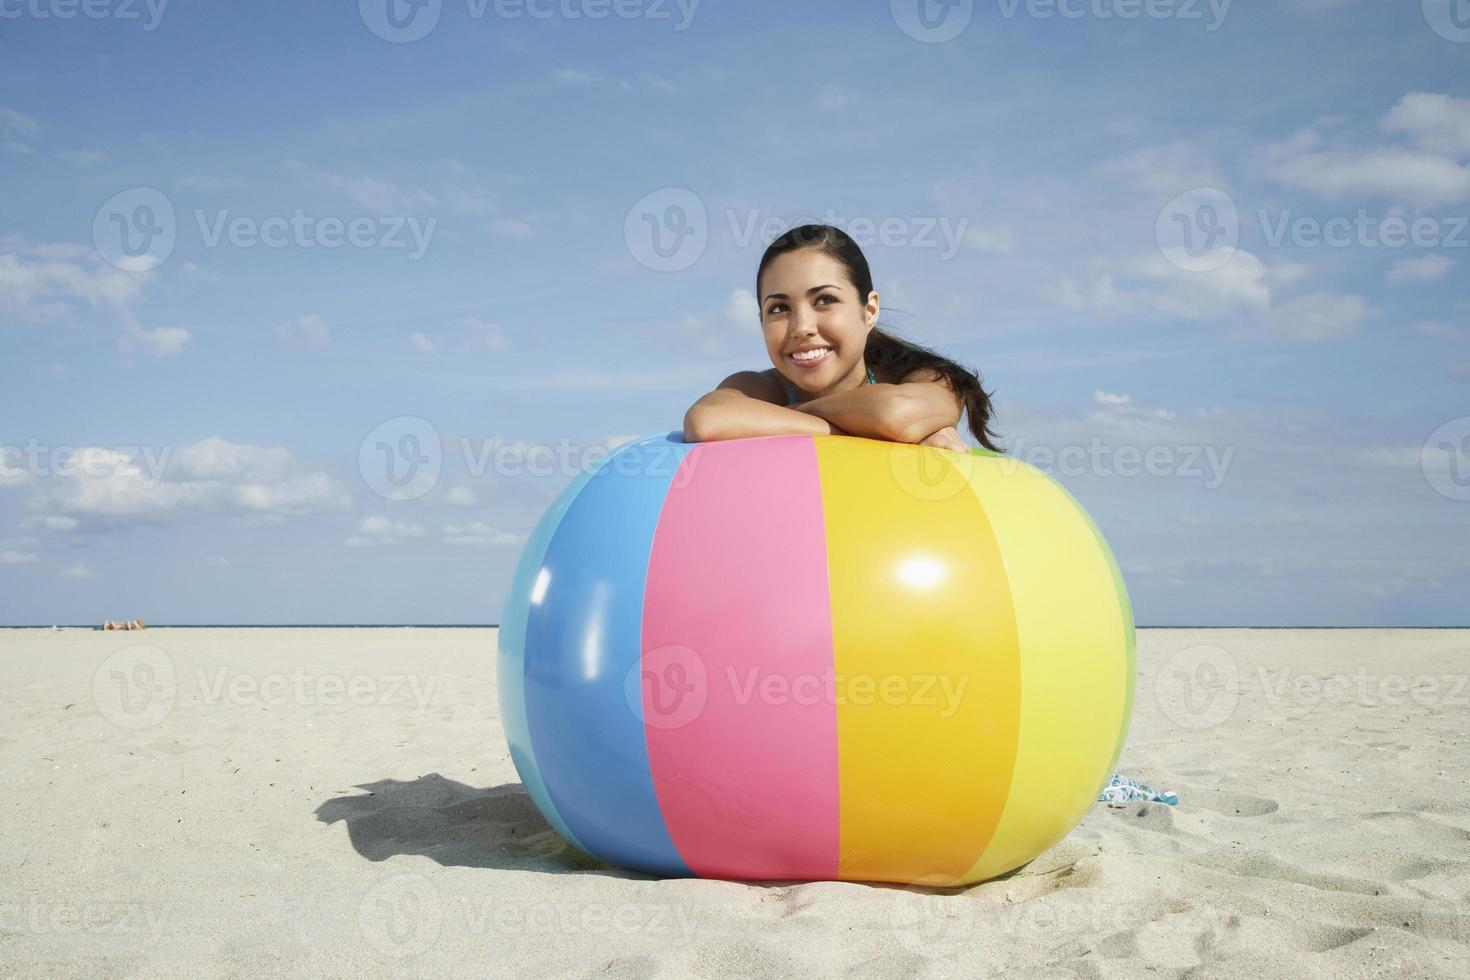 adolescente relajante en colorida pelota de playa foto